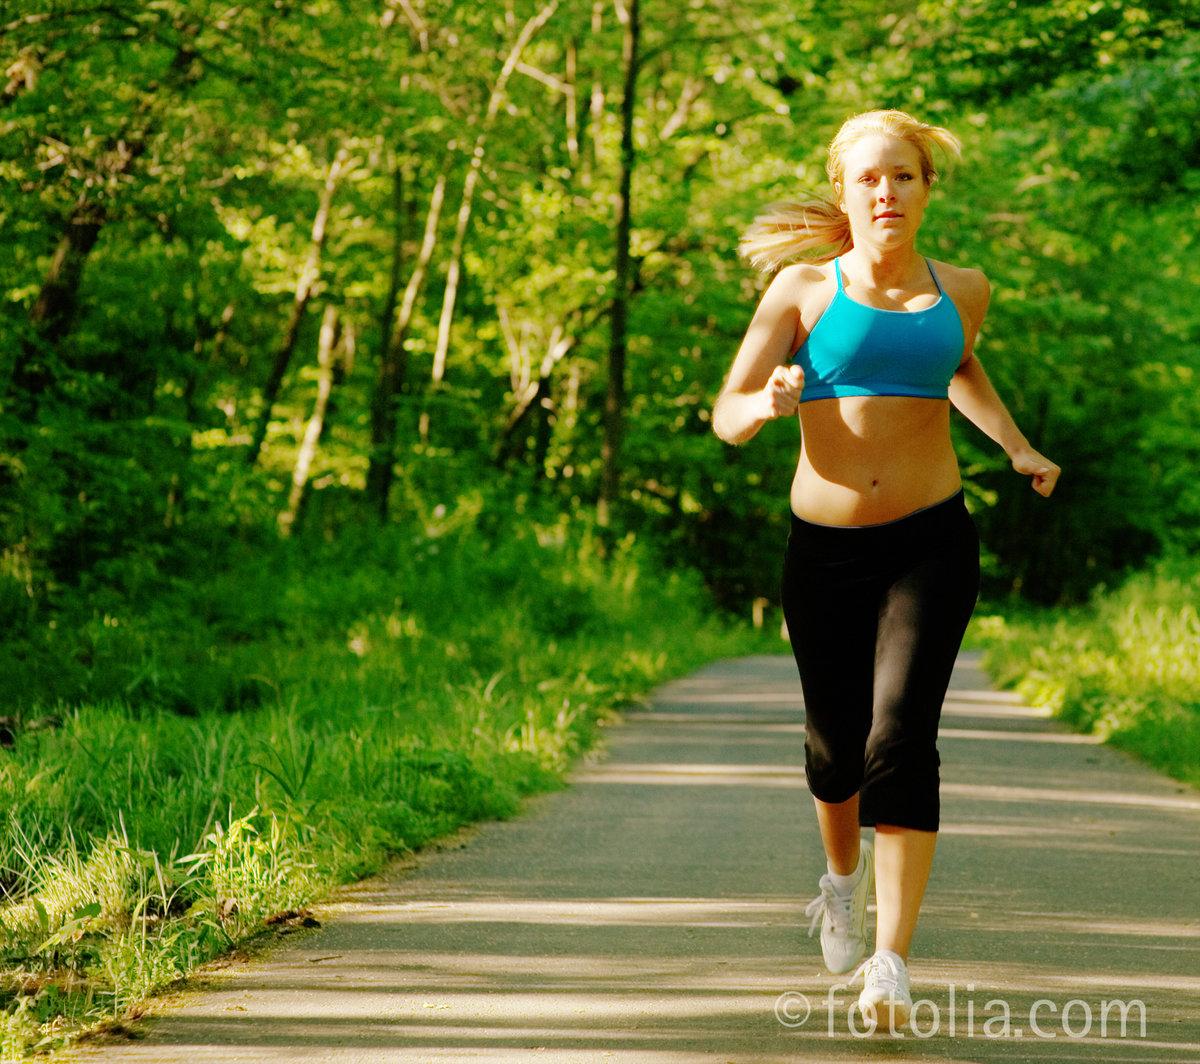 диета бег для похудения